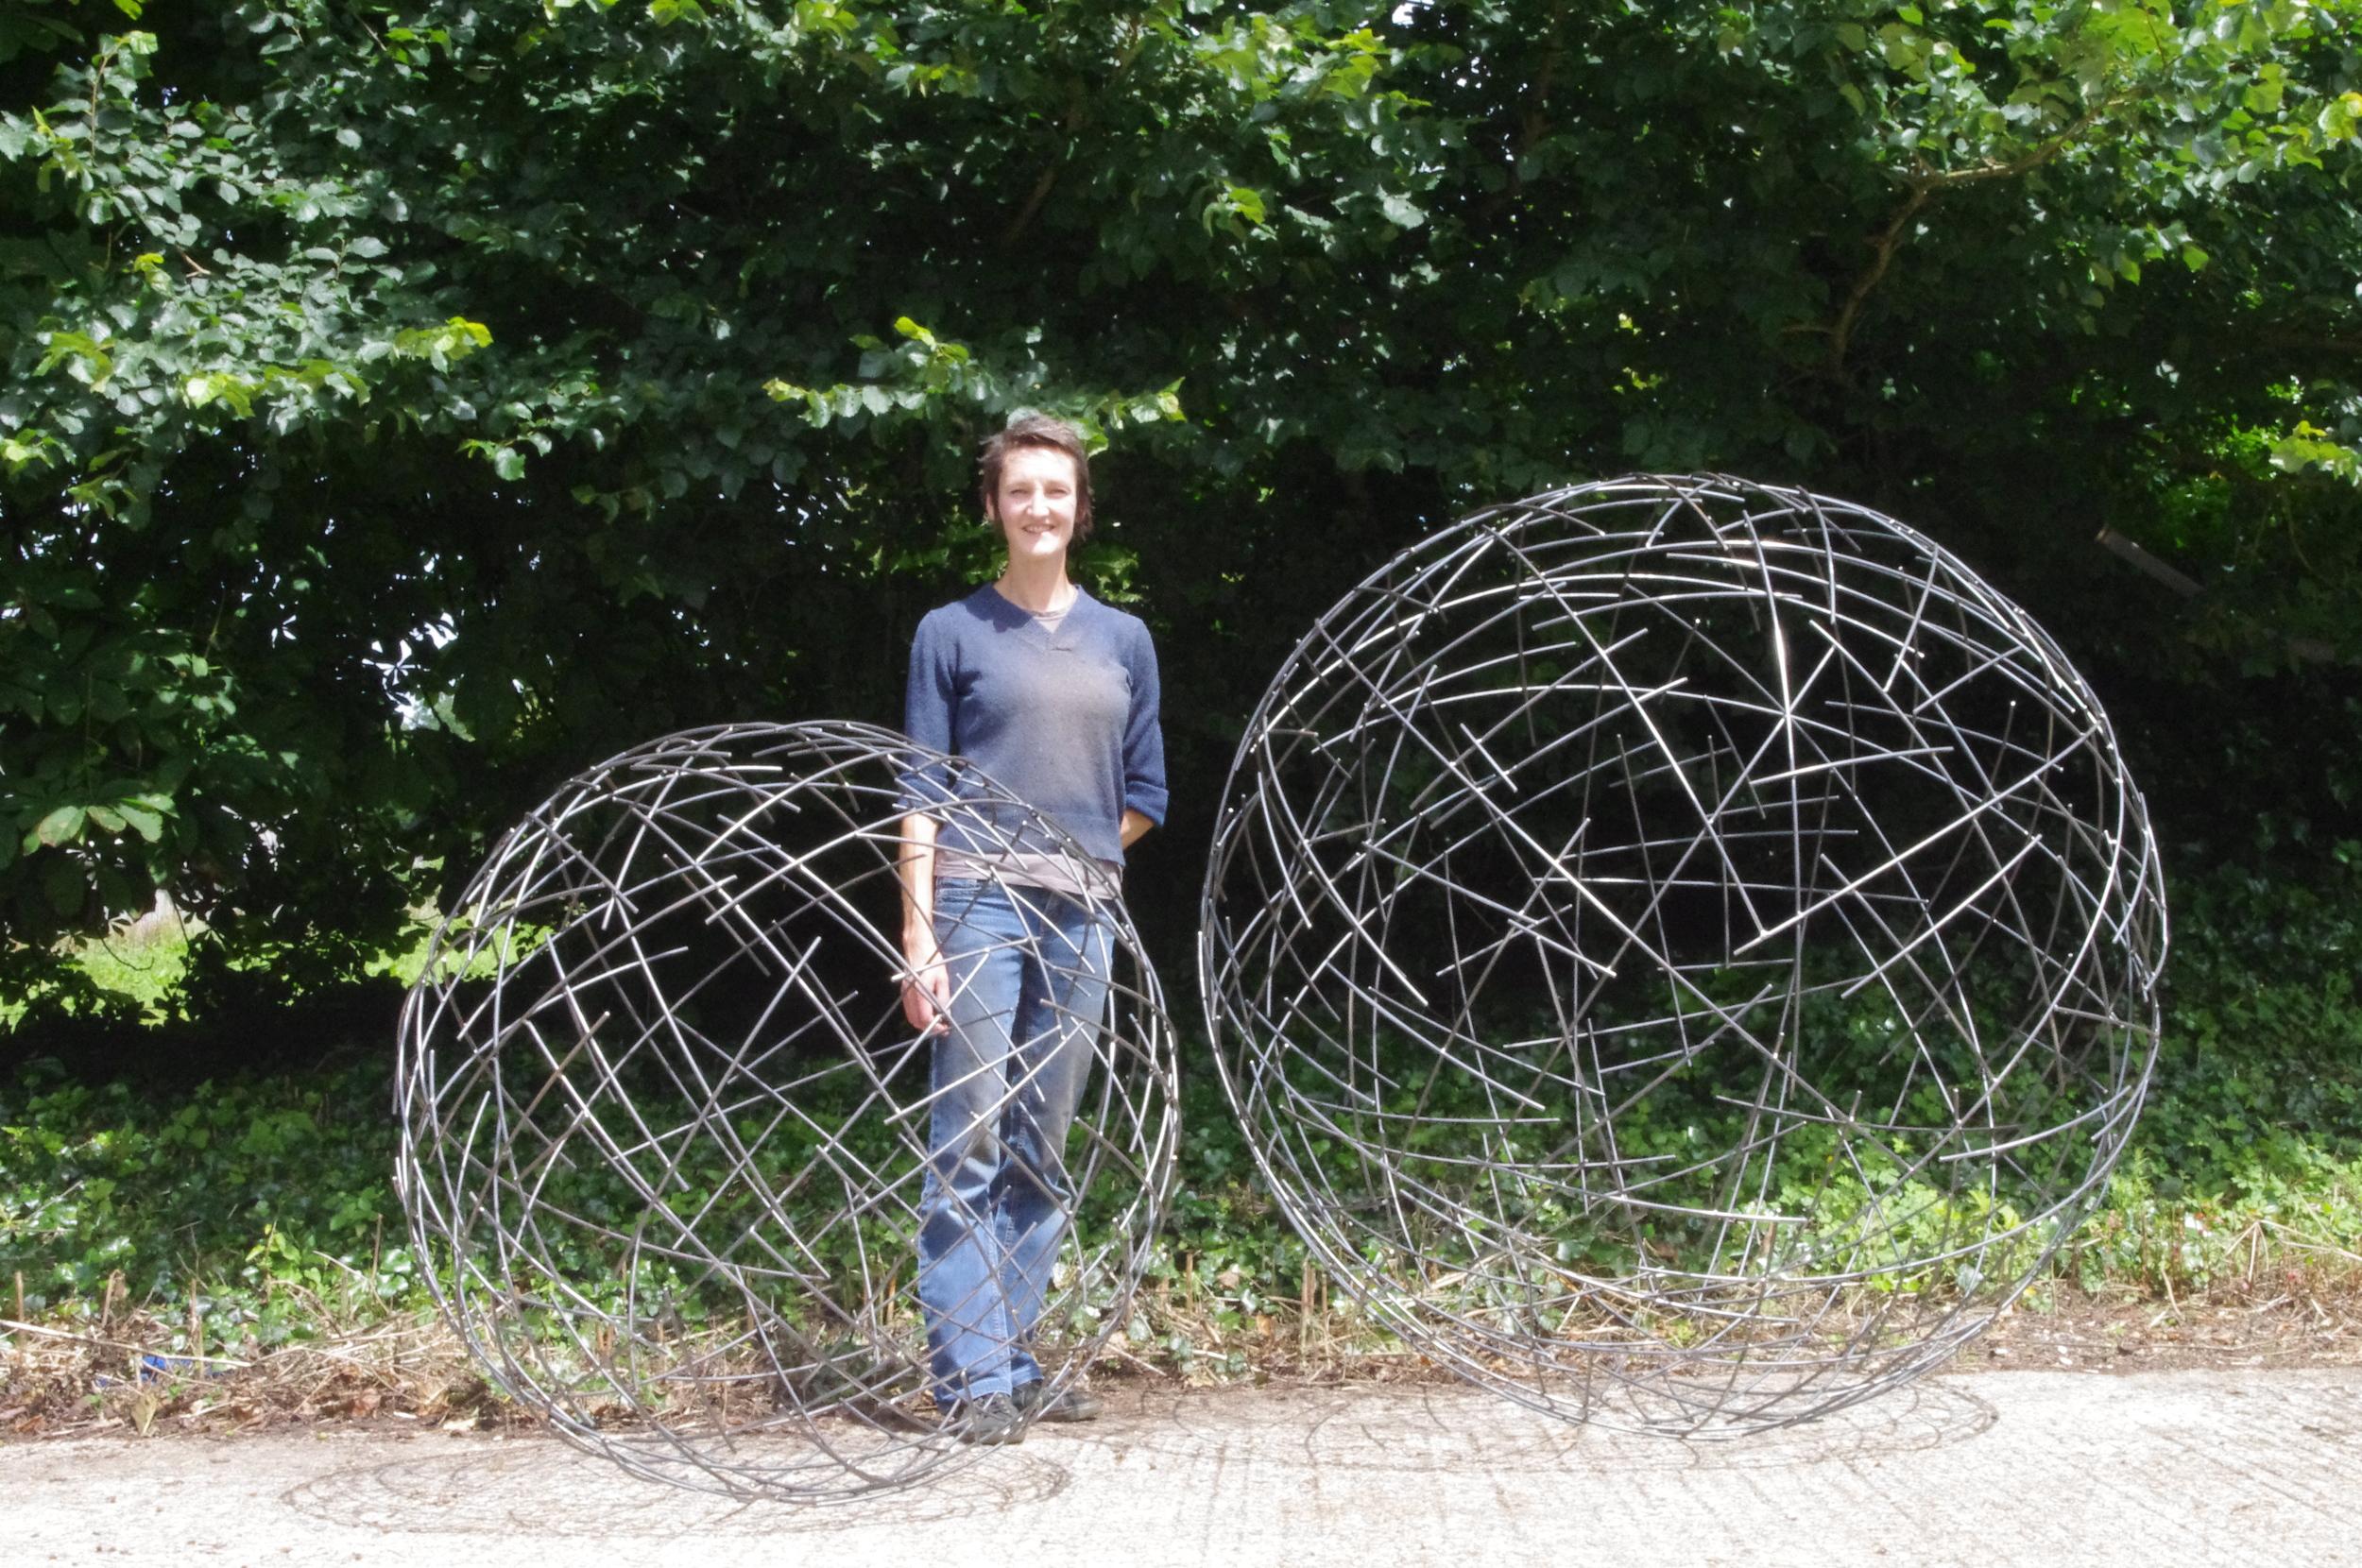 Large Spheres